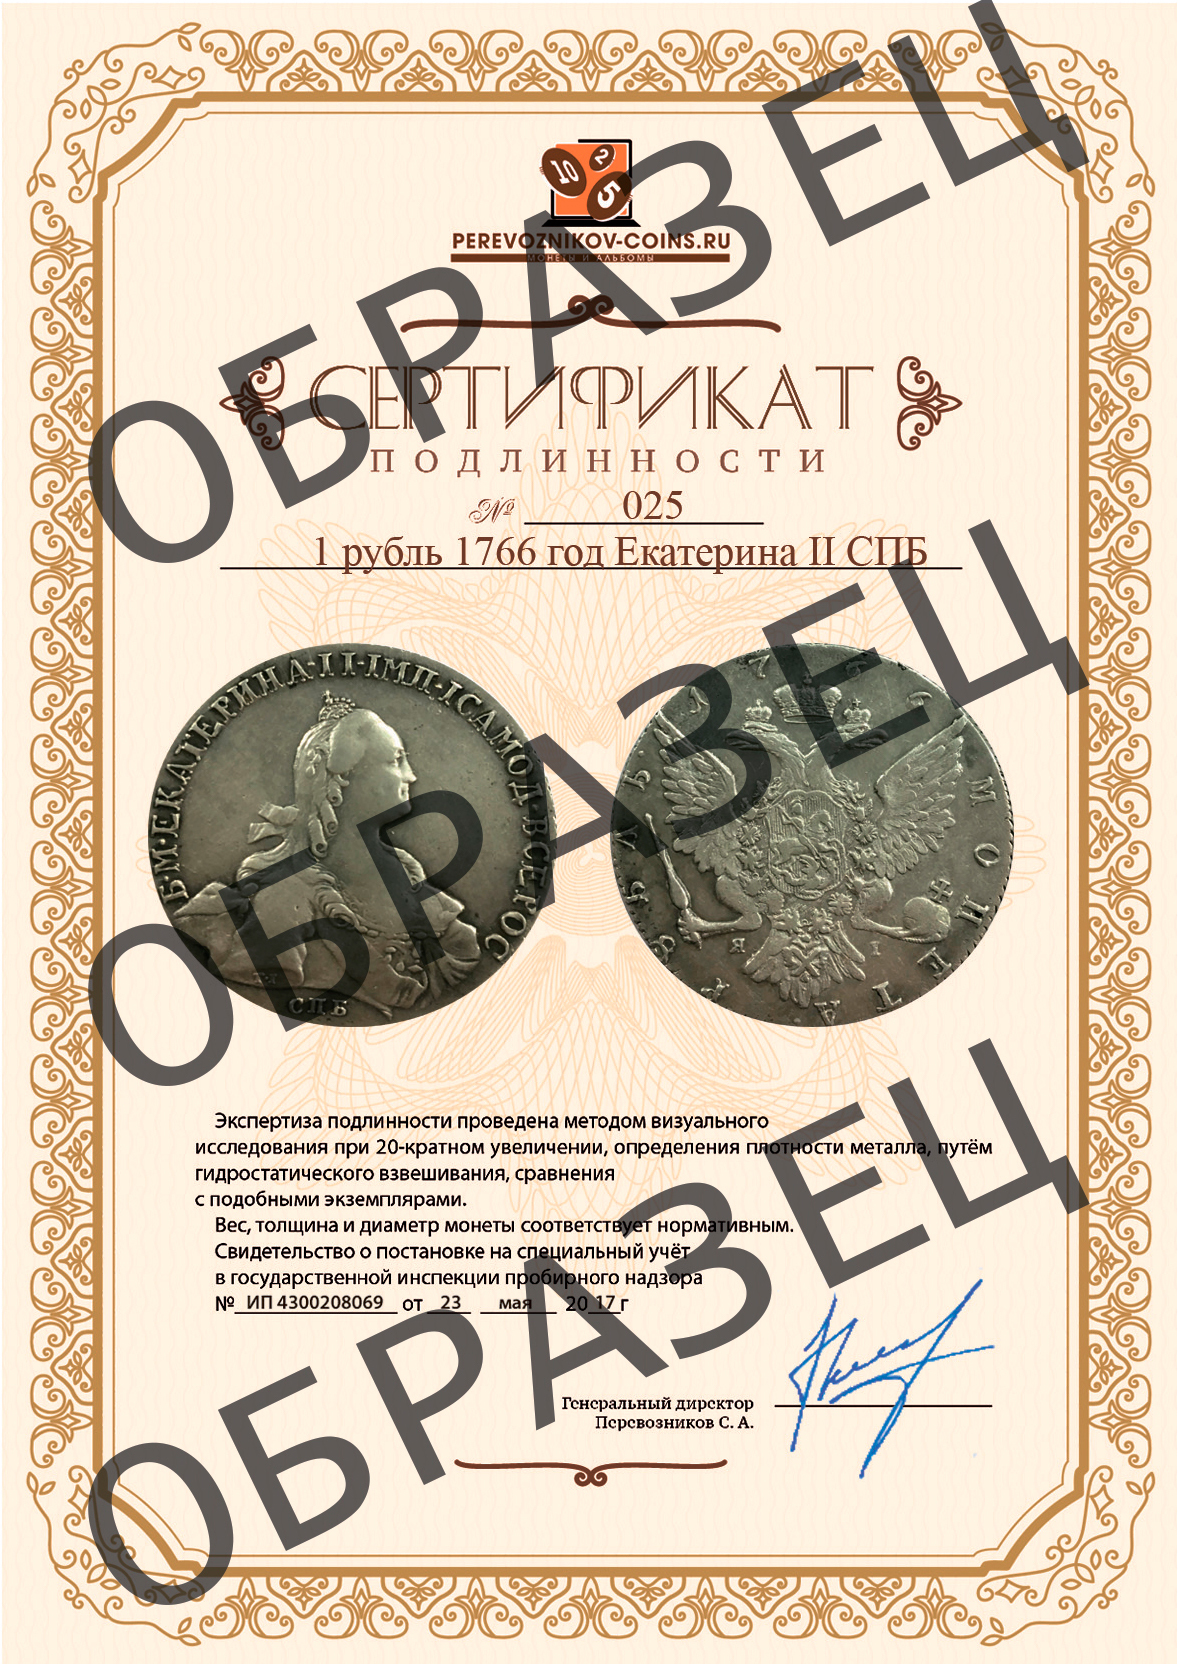 1 рубль 1766 год Екатерина II CПБ